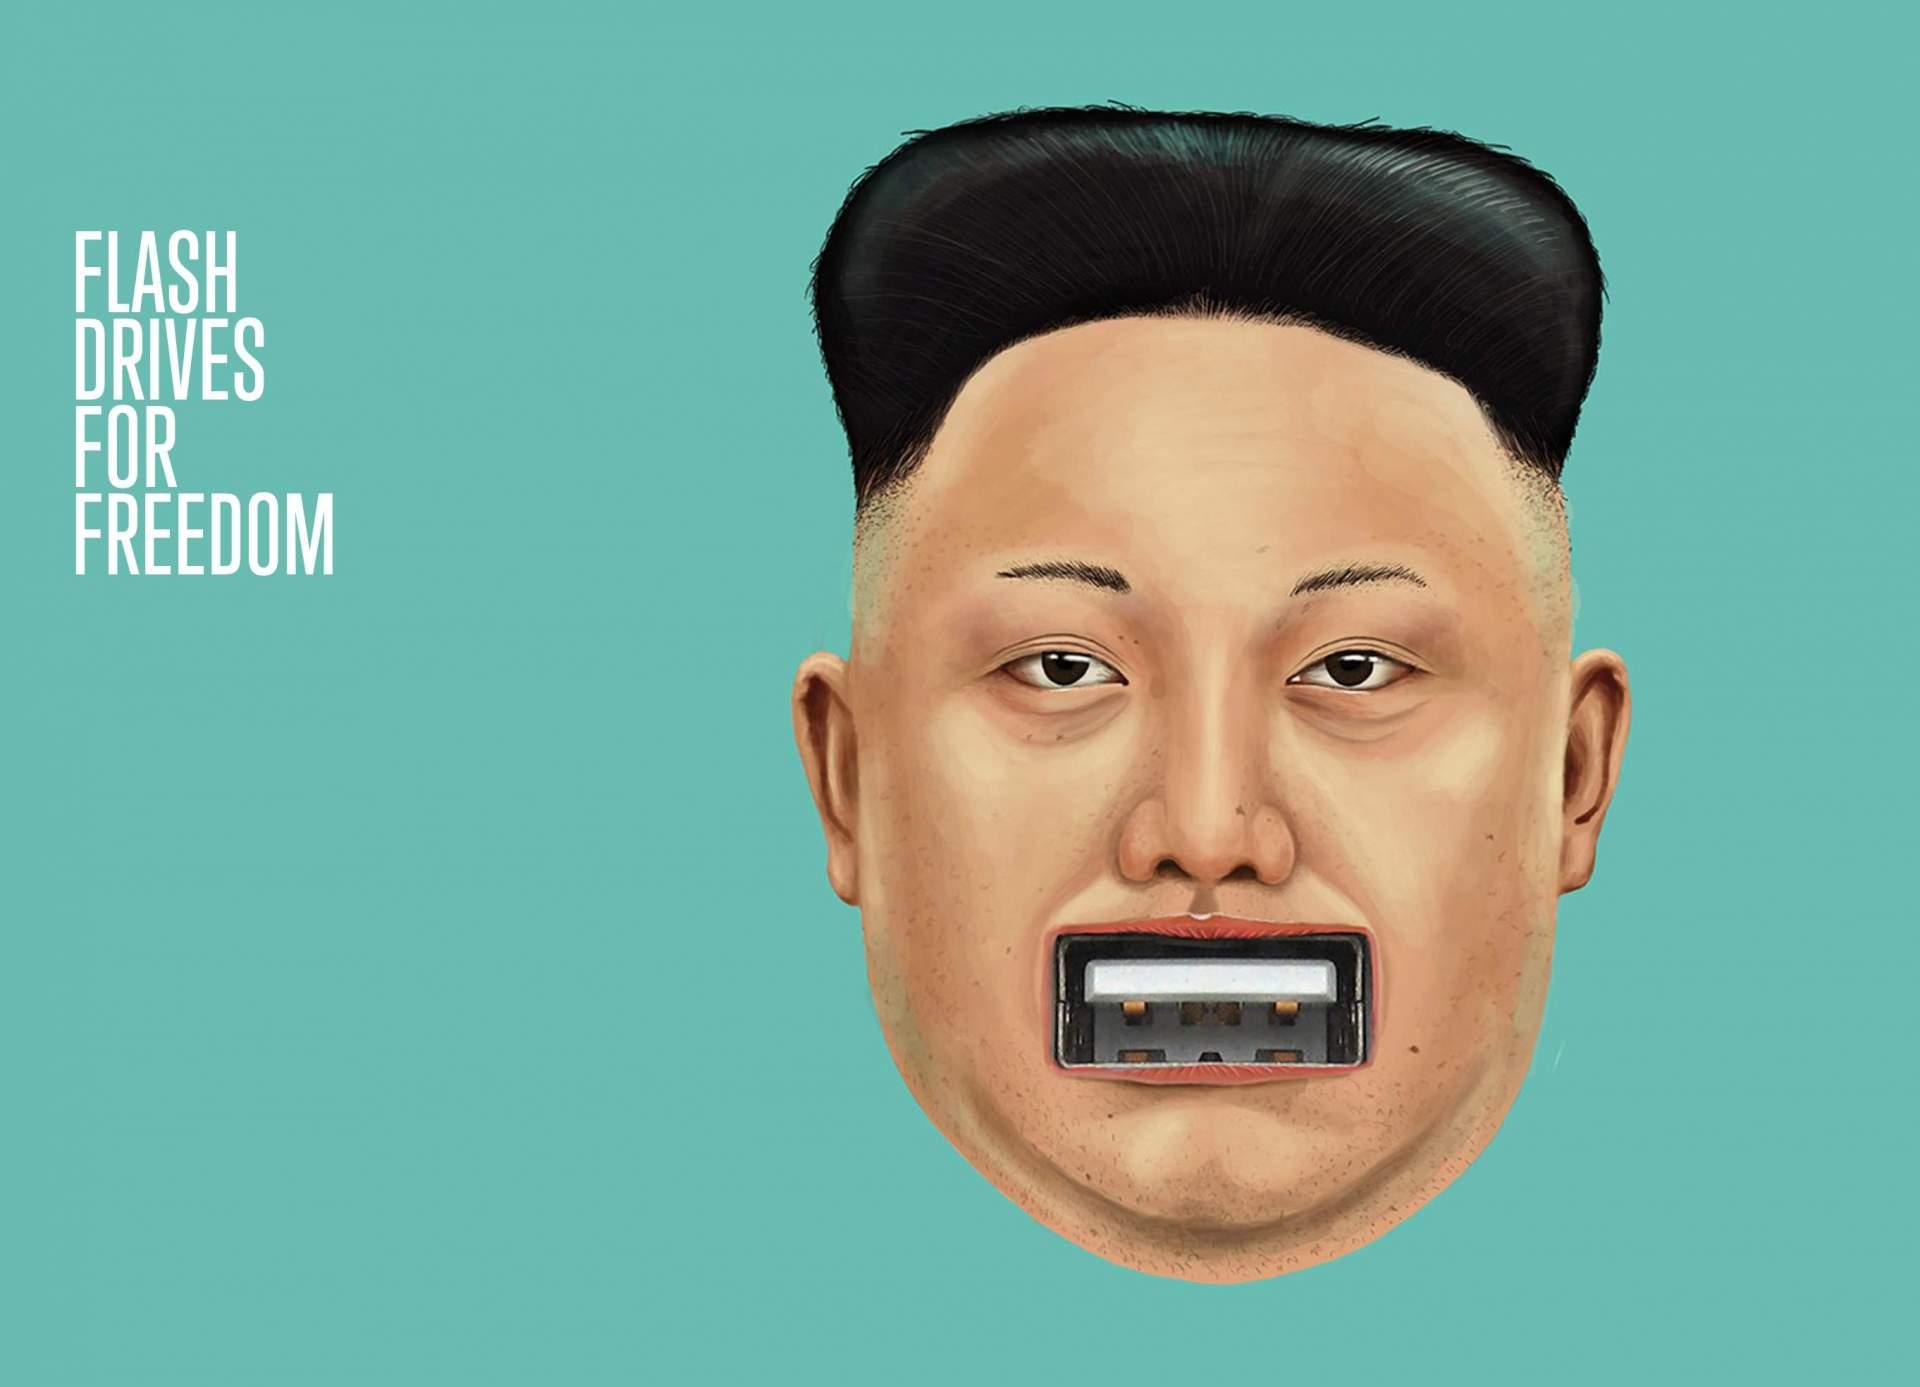 Eure USB-Sticks können helfen, Nordkorea zu befreien.